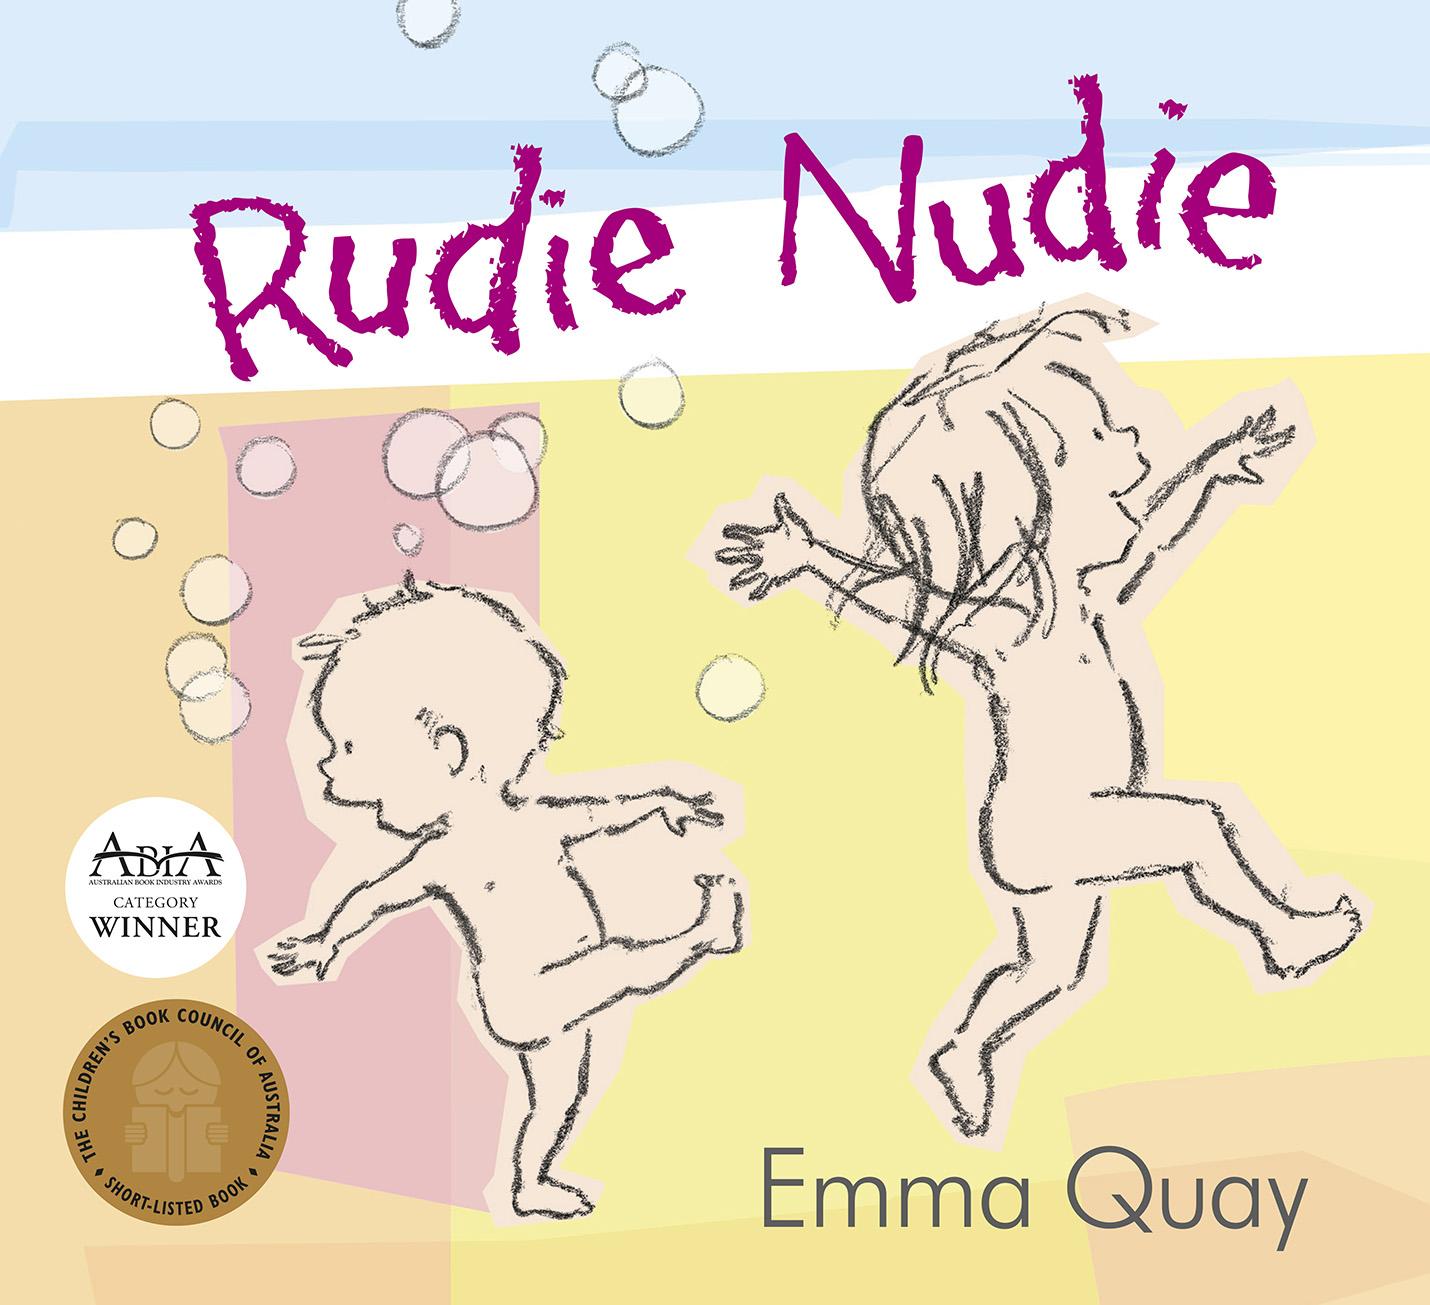 Rudie Nudie, the book - www.emmaquay.com